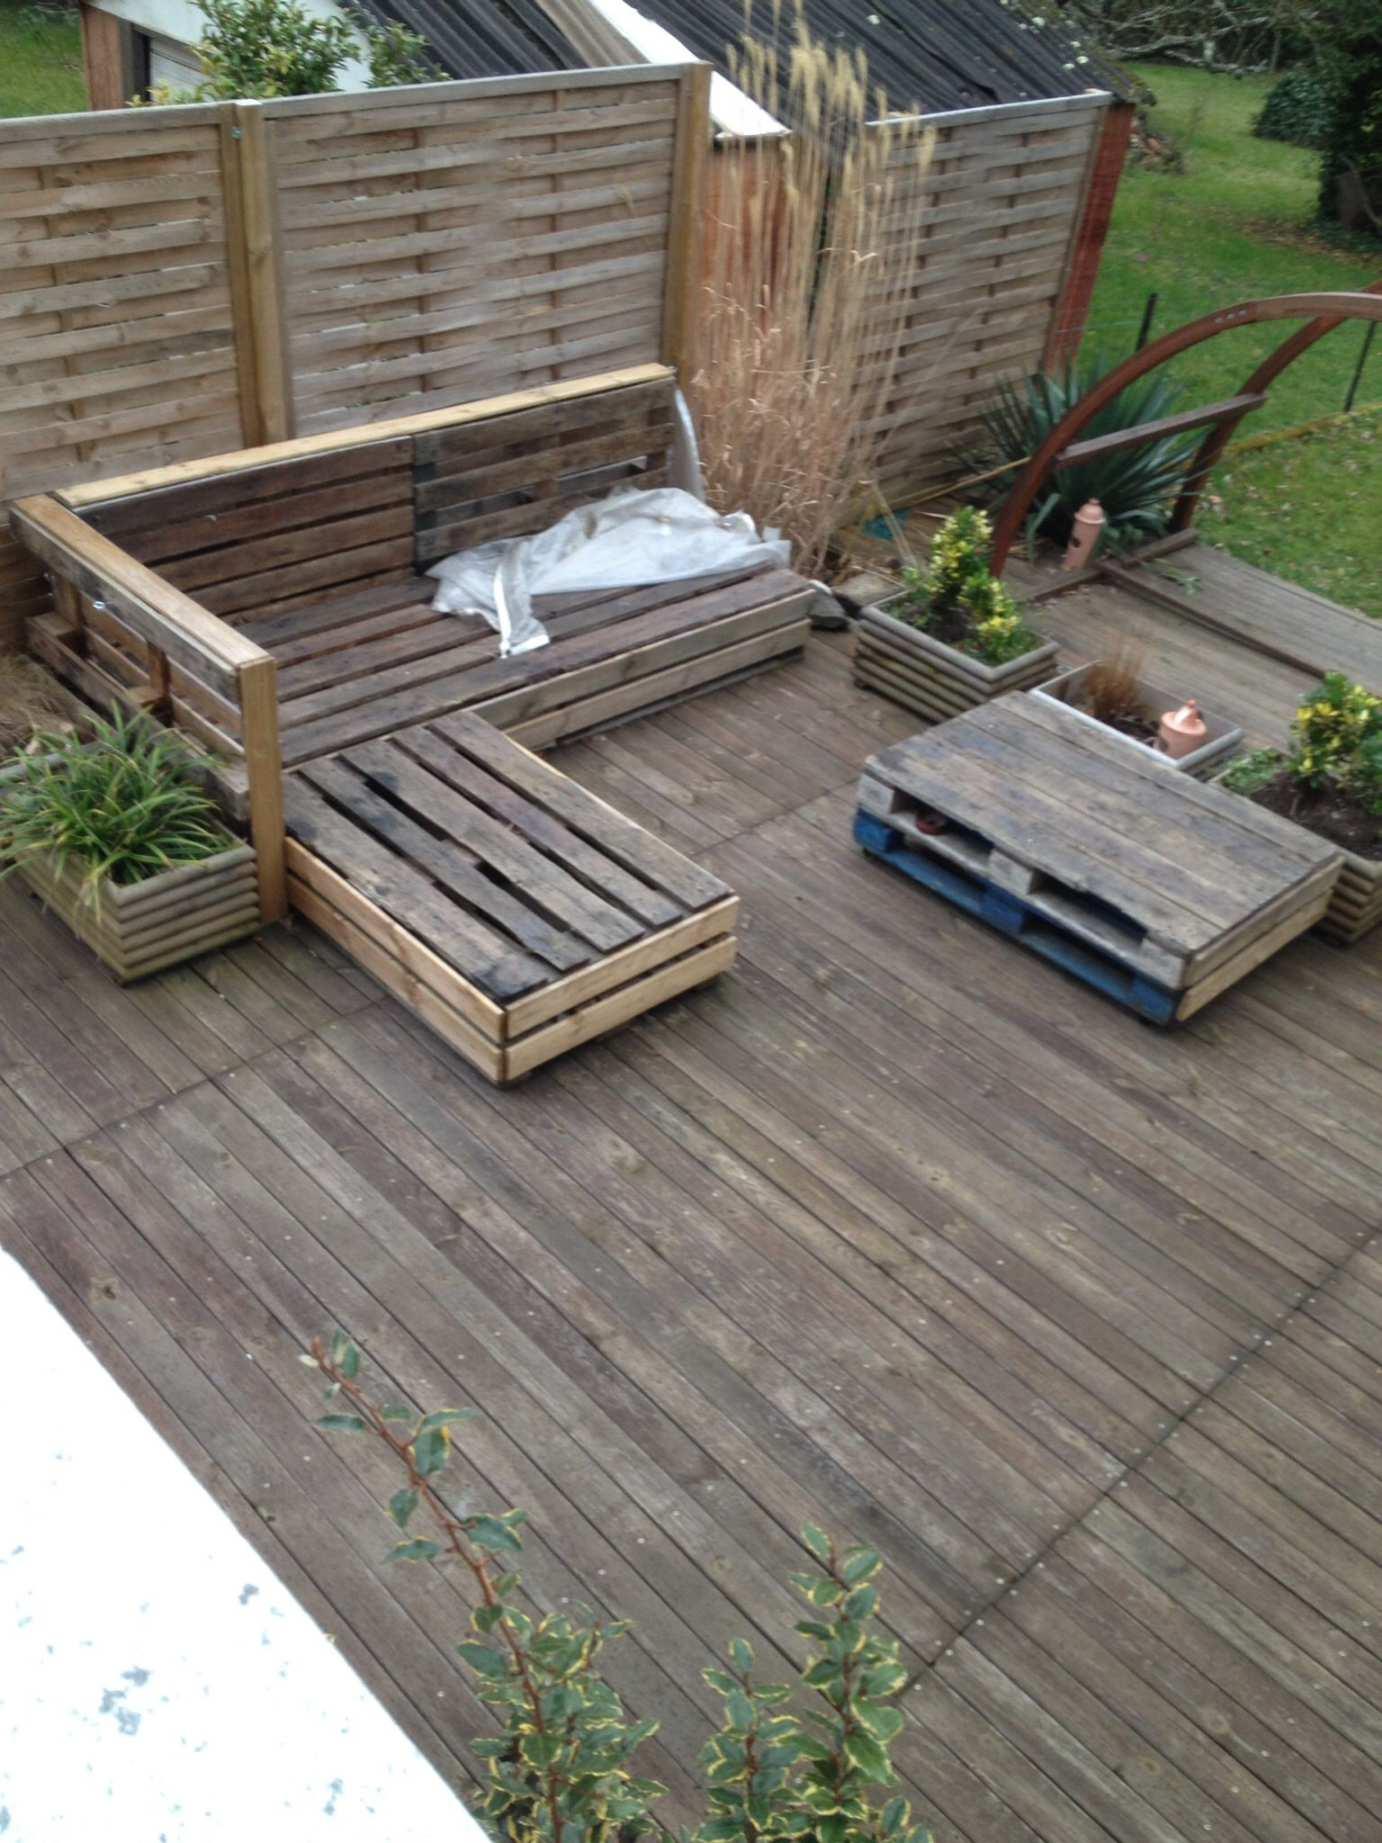 Comment fabriquer son salon de jardin en palette - Châlet ...